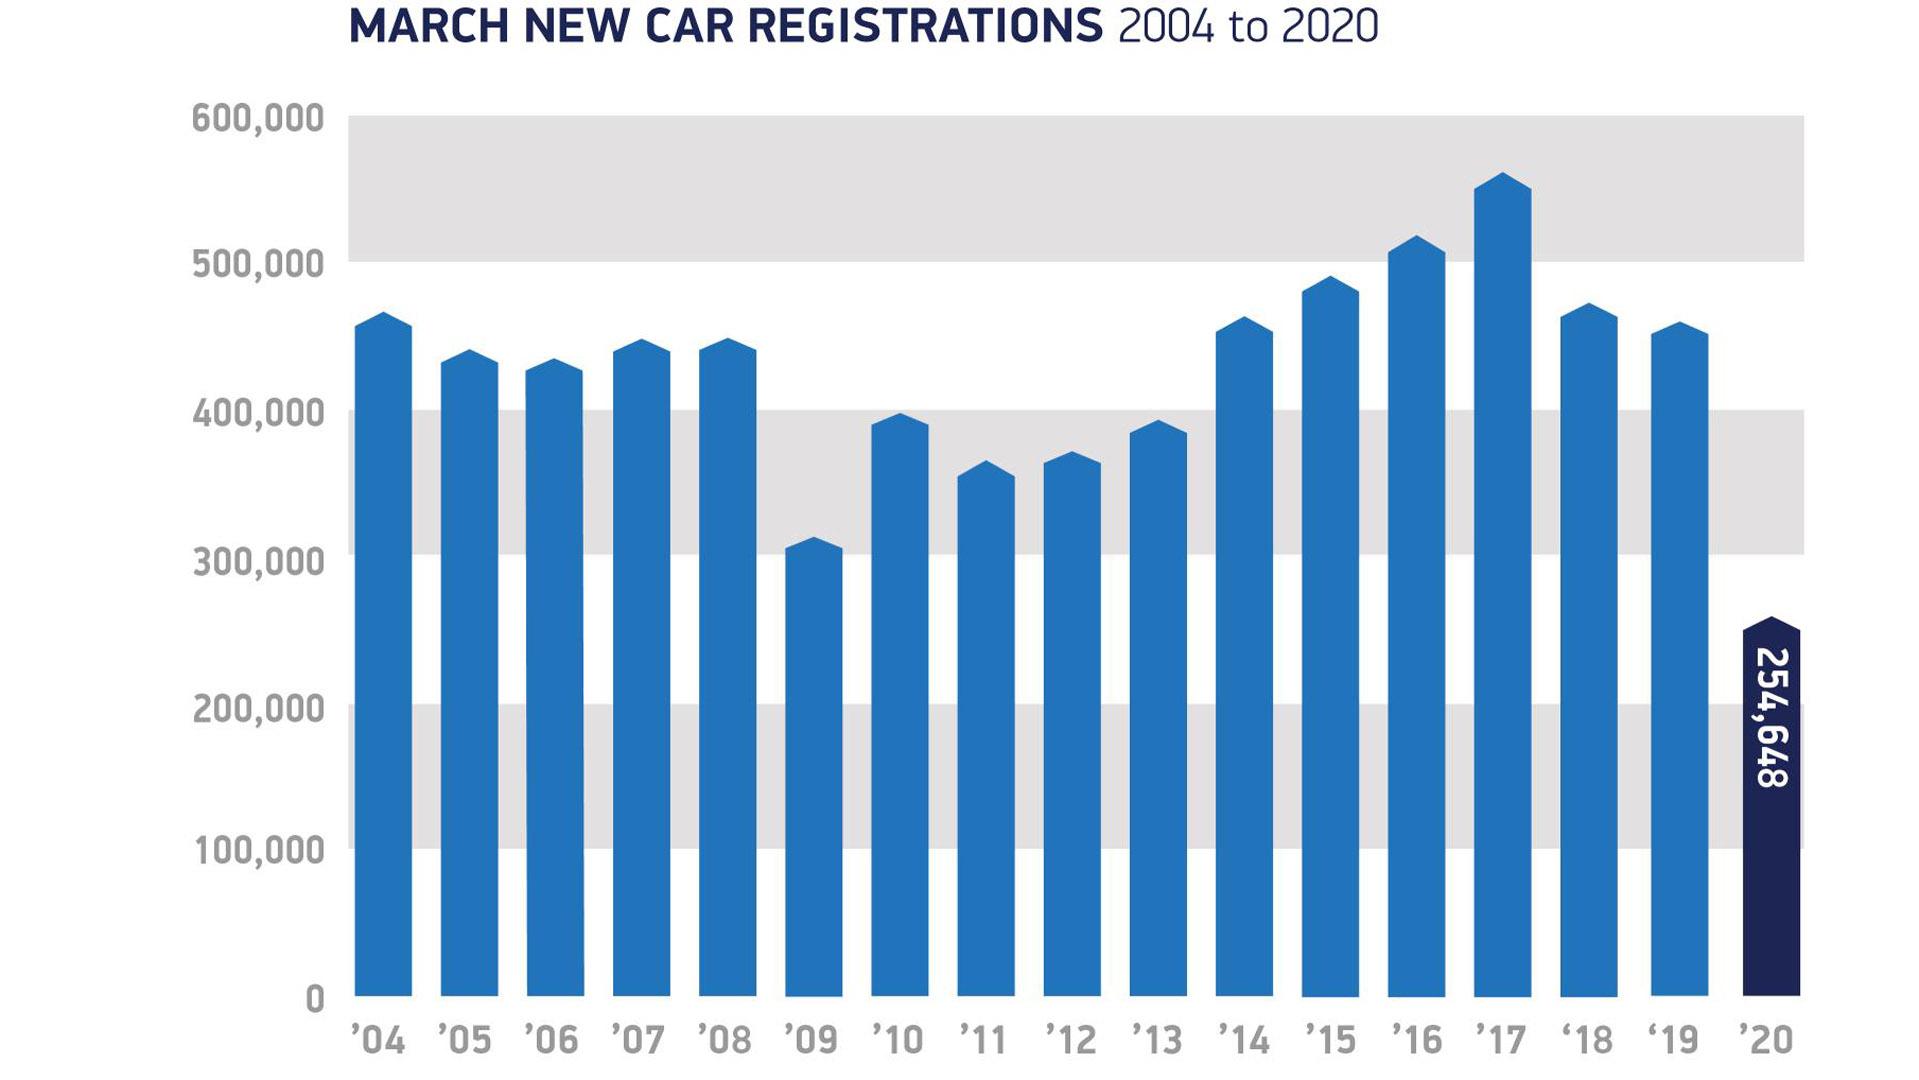 SMMT car registrations